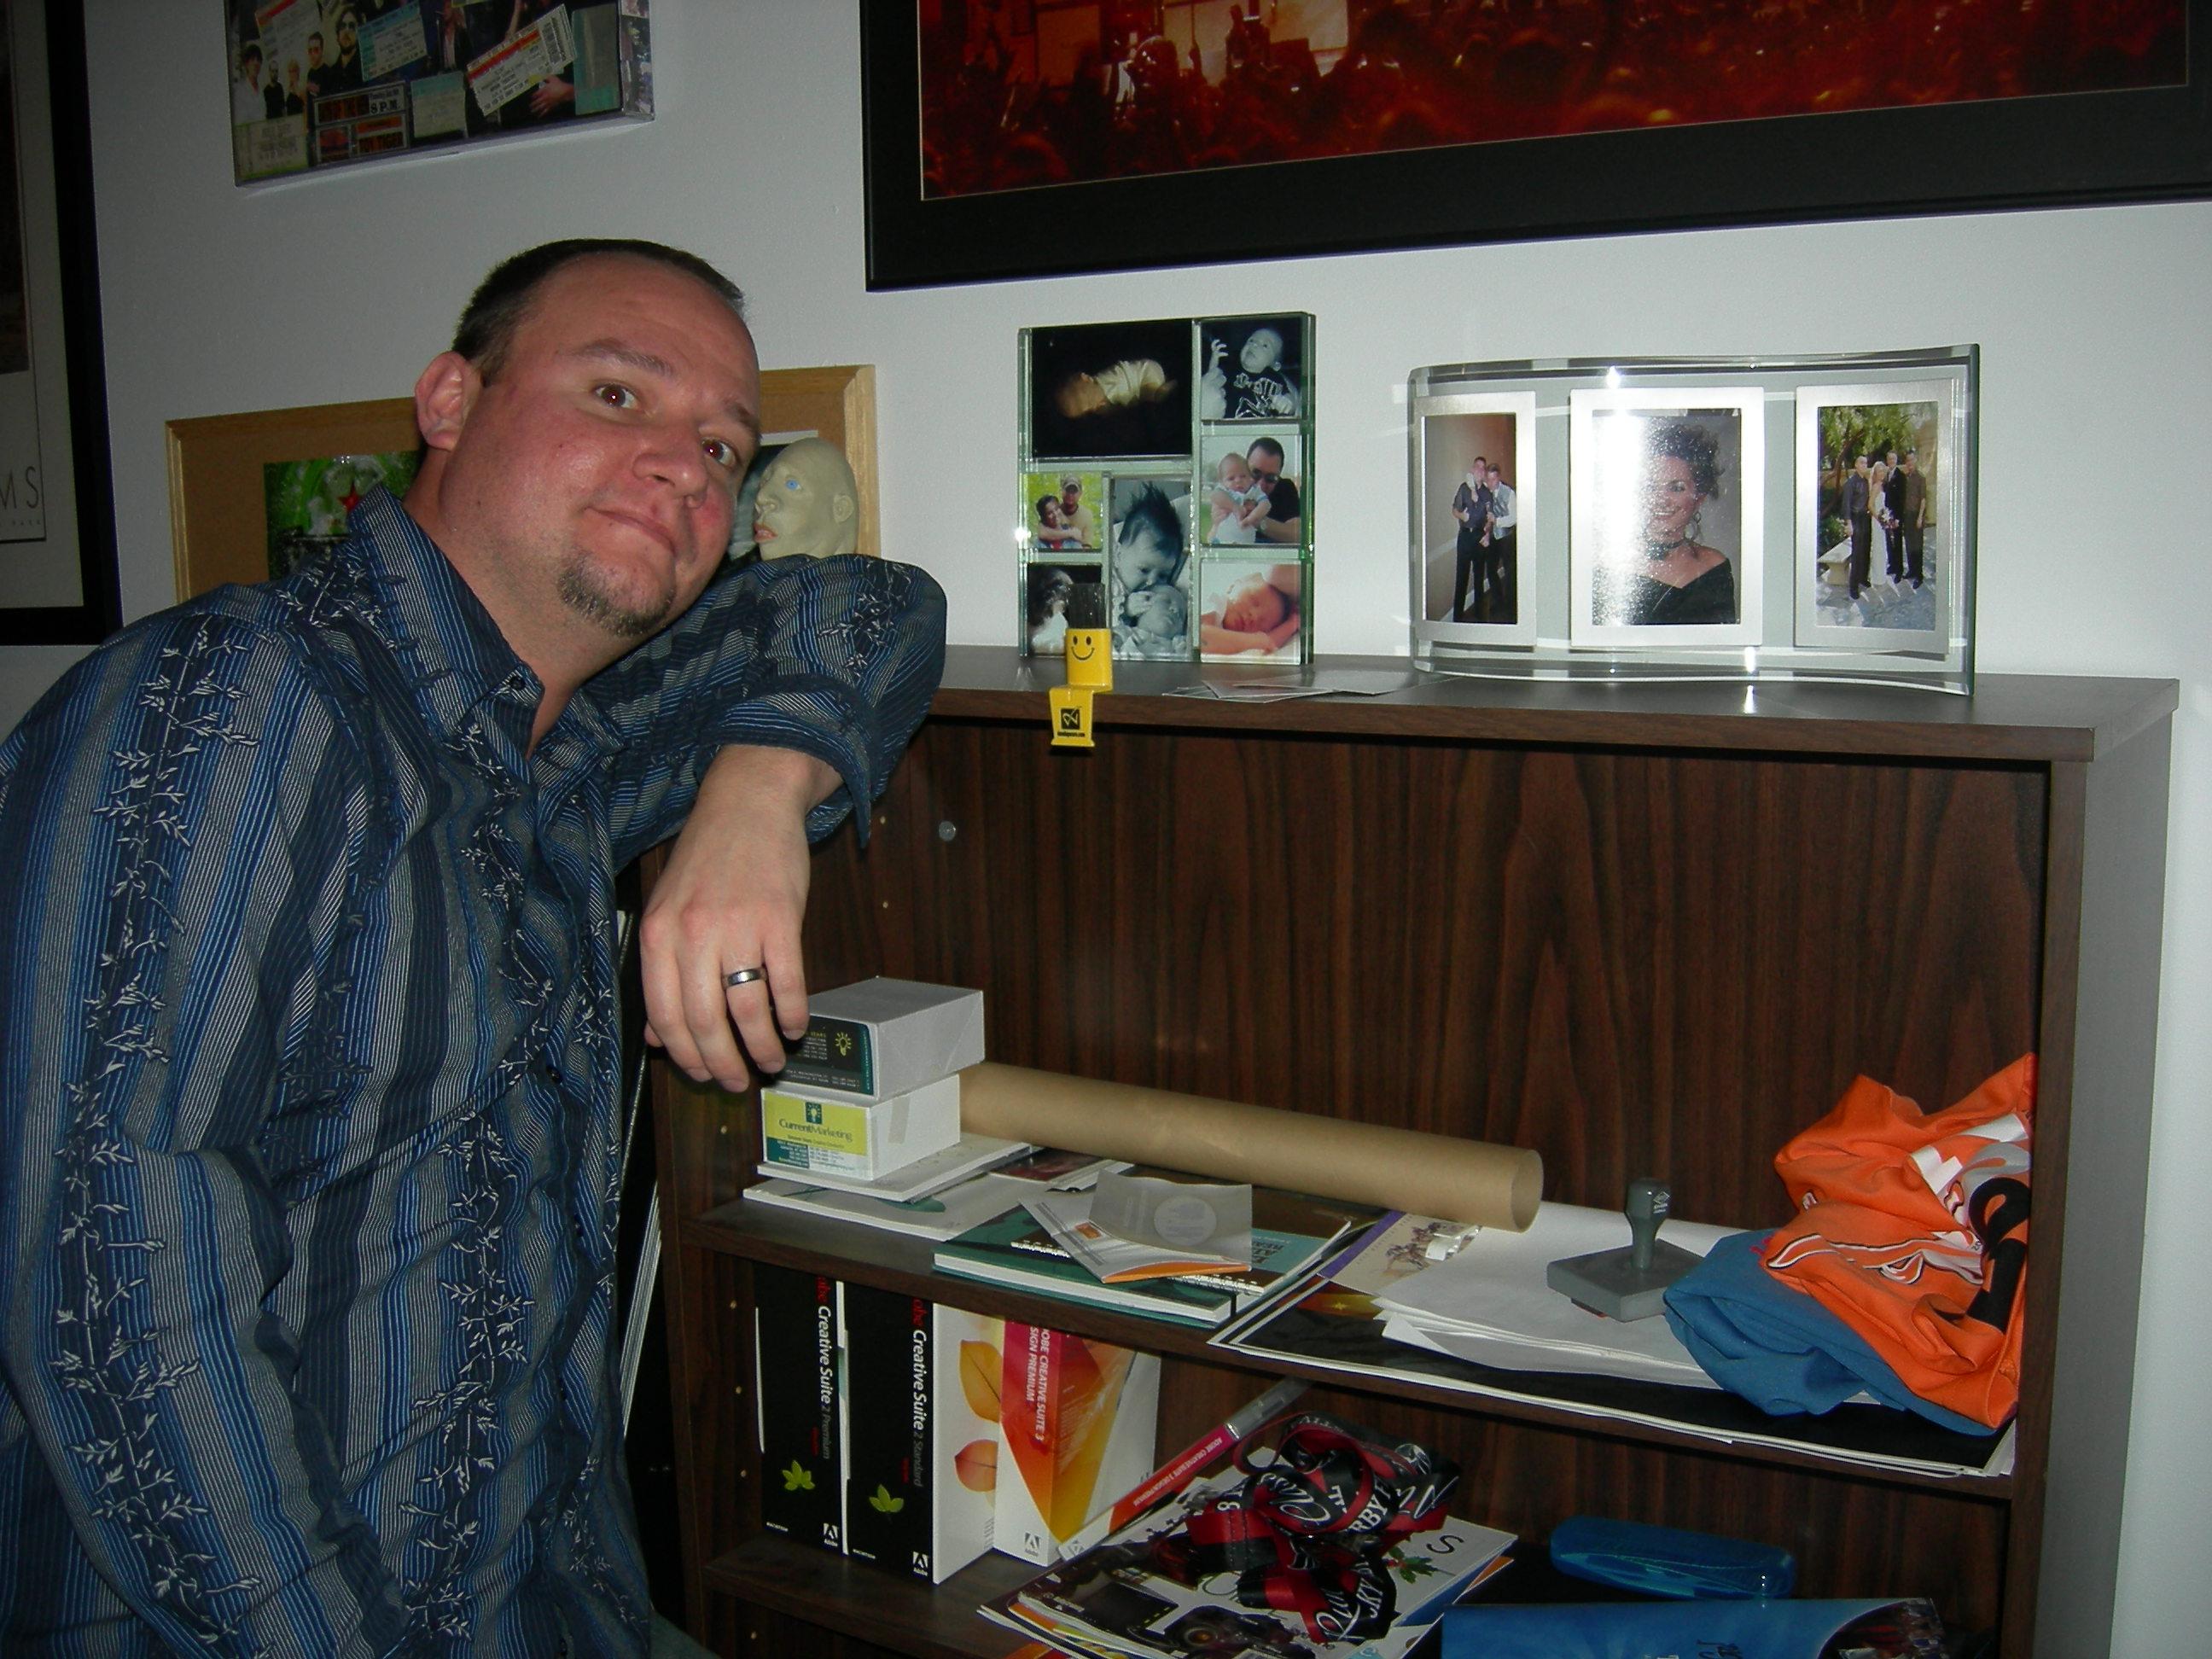 Donovan at his desk